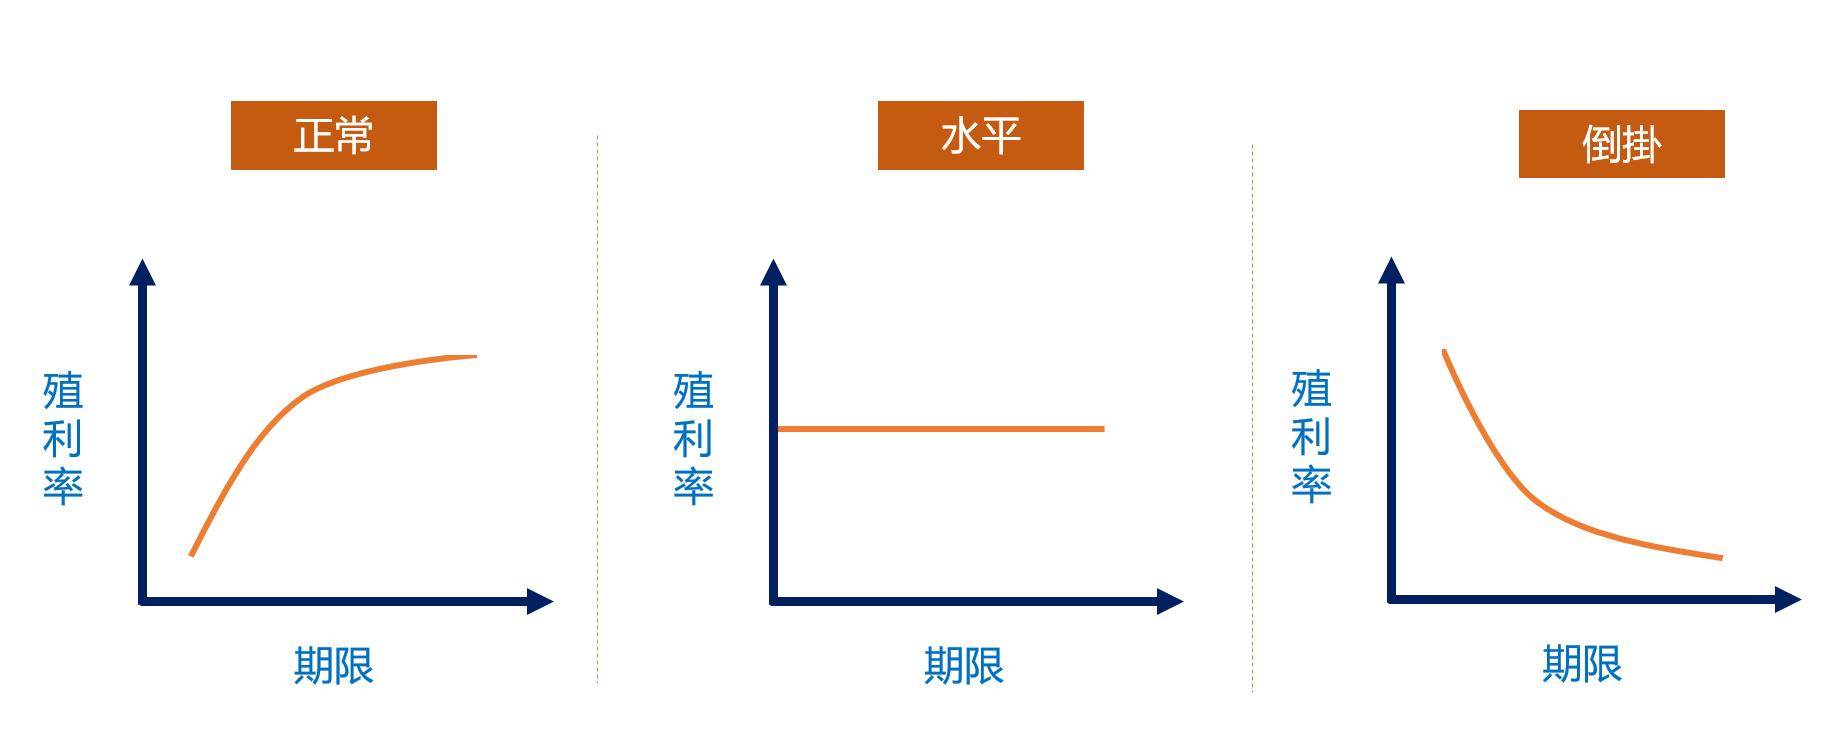 殖利率曲線(Yield curve)